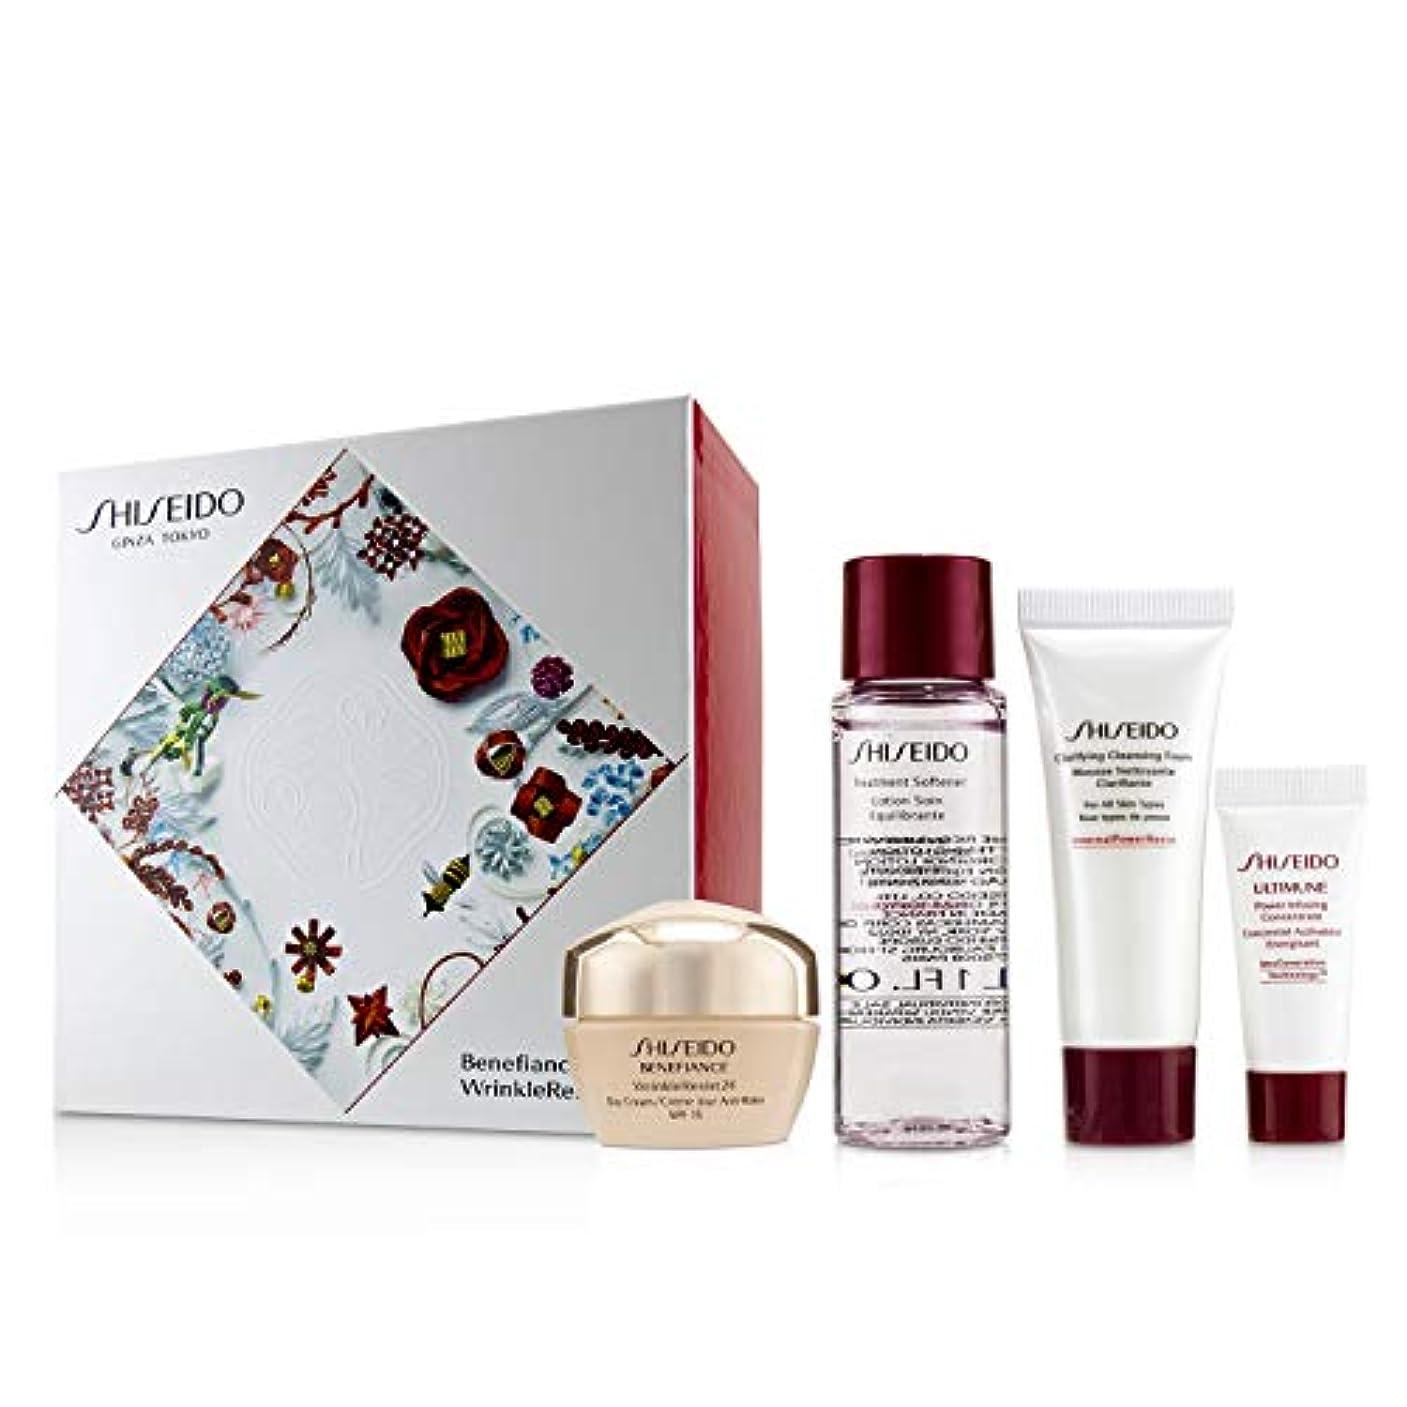 プレゼント醸造所申し立てられた資生堂 Benefiance WrinkleResist24 Set : Day Cream SPF15 50ml+Cleansing Foam 15ml+Softener 30ml+Ultimune Concentrate...